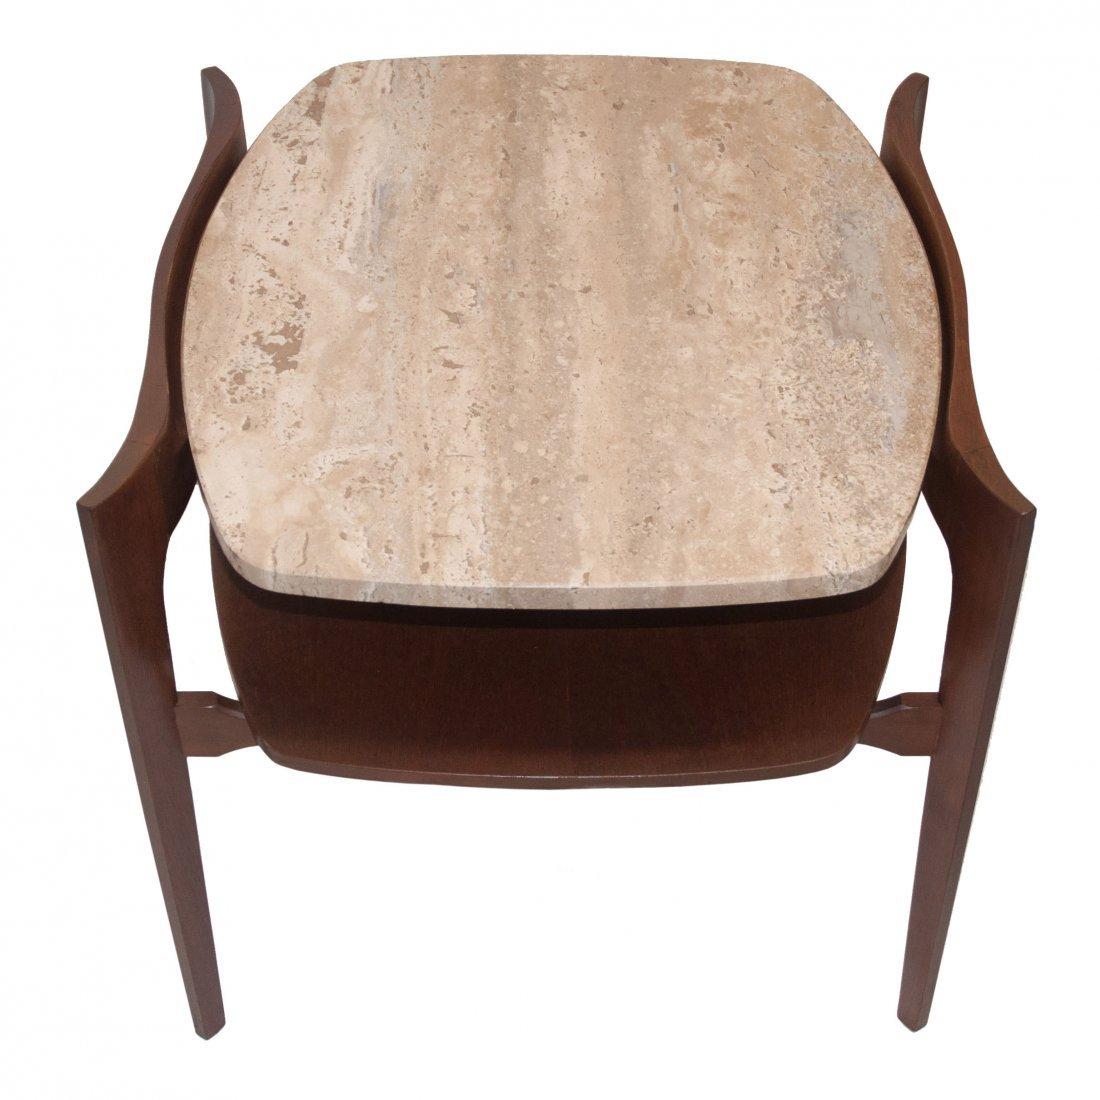 MCM Italian Bertha Schaefer Modern Side Table 1950 - 2